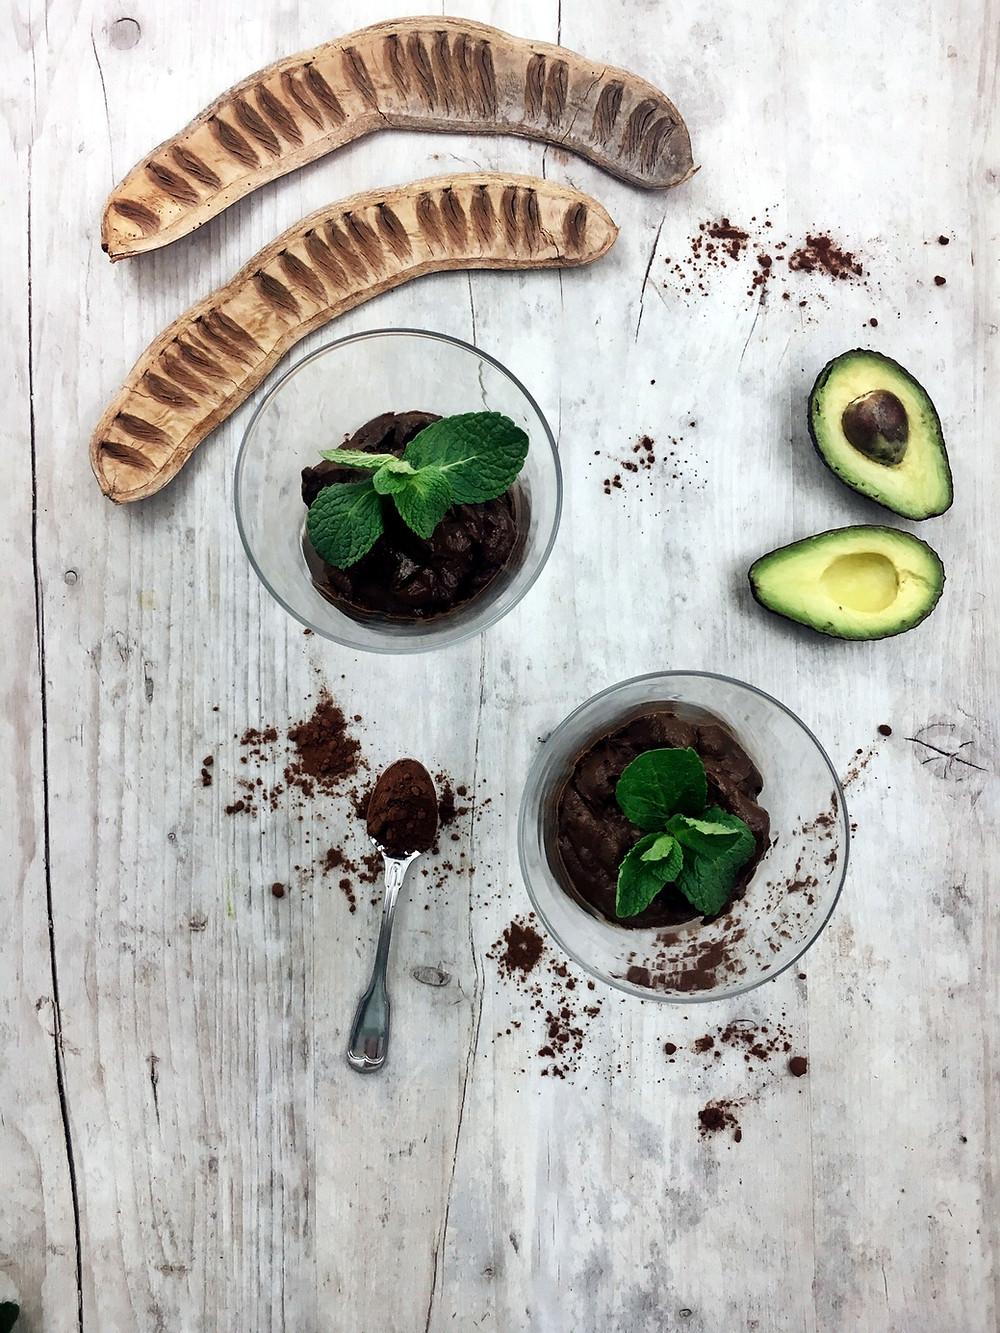 Avocados enthalten  eines der gesündesten Fette, da mehr als die Hälfte als einfach  ungesättigte Fettsäuren vorliegt, die wichtig für ein gesundes Herz sind  und die Senkung des  Cholesterin- und Triglyceridspiegels  unterstützen.  Das Fruchtfleisch der Avocado enthält außerdem eine  unglaublich hohe Dichte an Nährstoffen. Außer ihren gesunden  pflanzlichen Fetten und einer breitgefächerten Mischung von  krebsabwehrenden Carotinoiden enthalten Avocados fast 20 lebenswichtige  Vitamine wie z. B. Vitamin A, Alpha-Carotin, Beta-Carotin, Biotin und  Vitamin E. # mandala connection